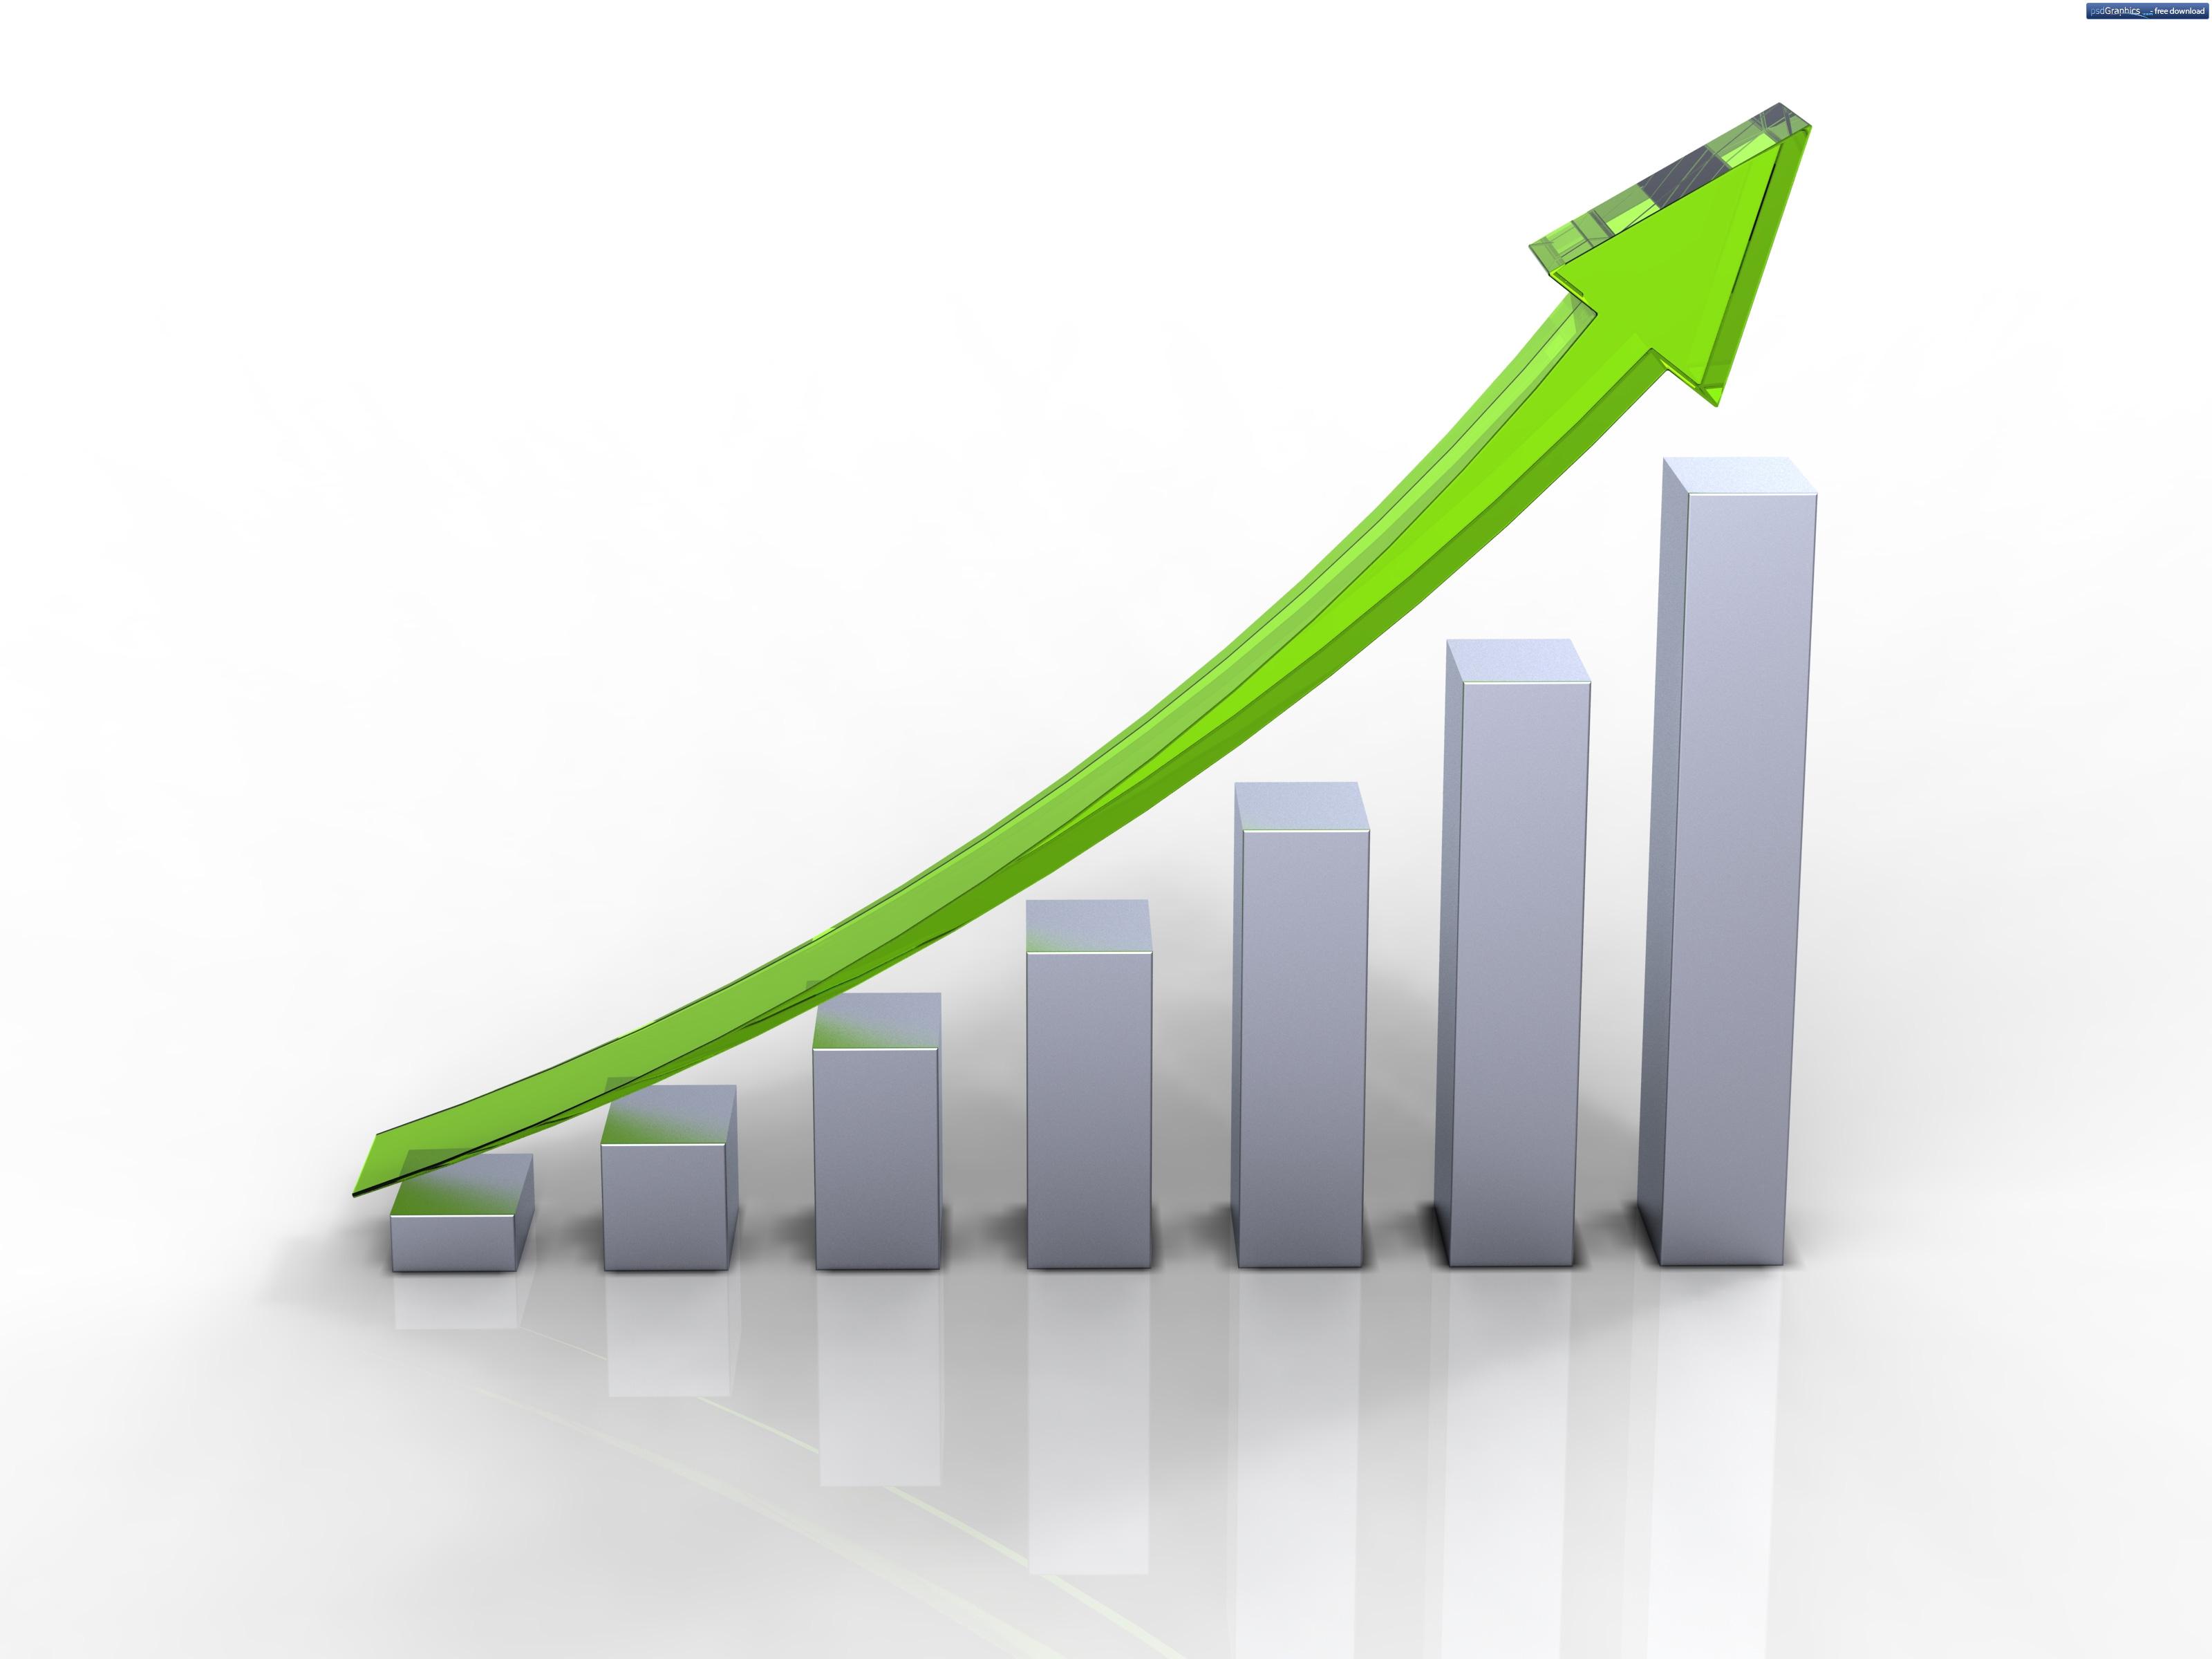 Зеленый бизнес-график идущий вверх - изображение с высоким разрешением